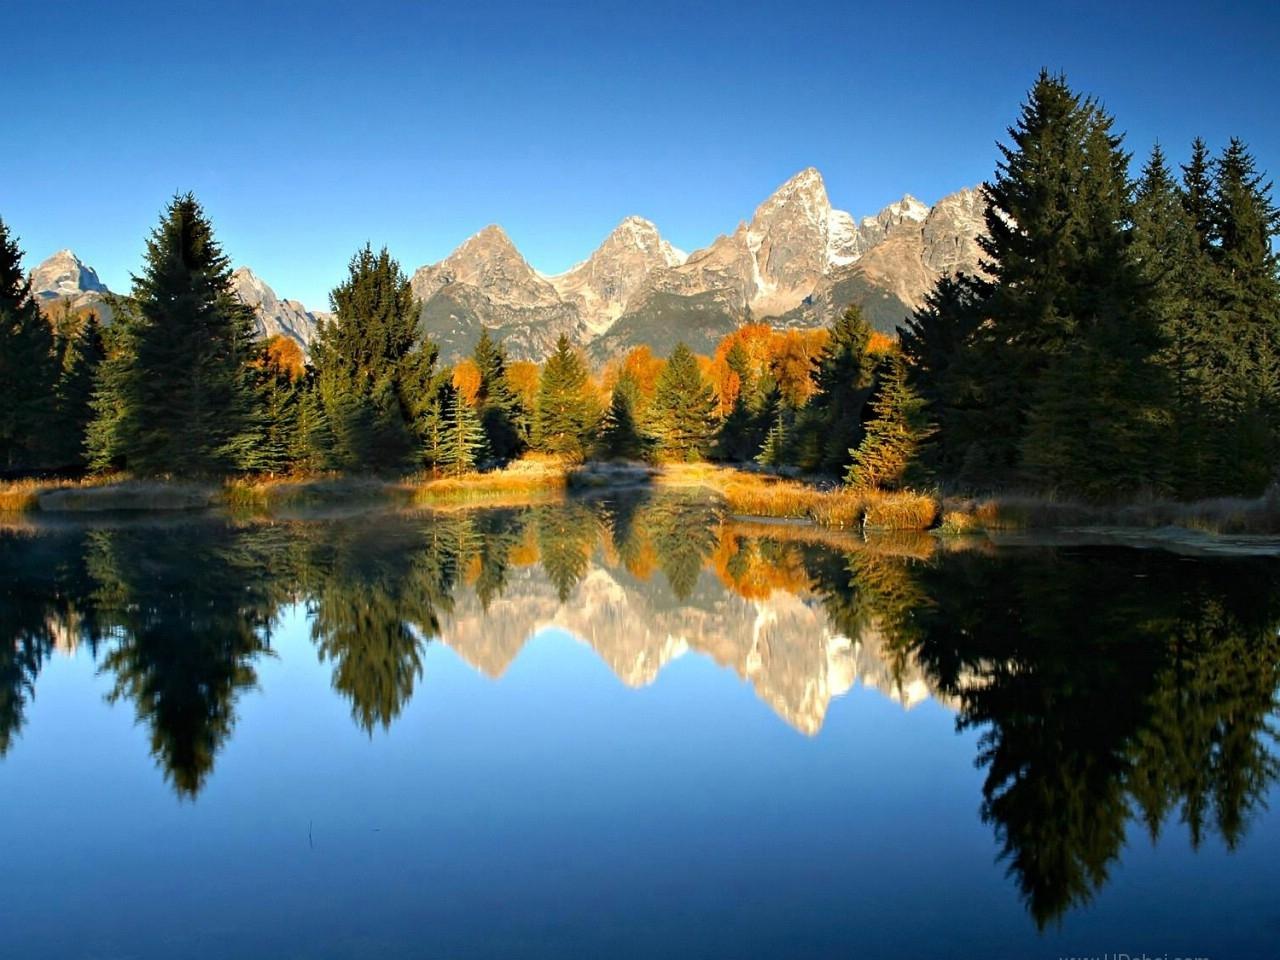 28419 Заставки и Обои Озера на телефон. Скачать Озера, Пейзаж, Деревья, Горы картинки бесплатно